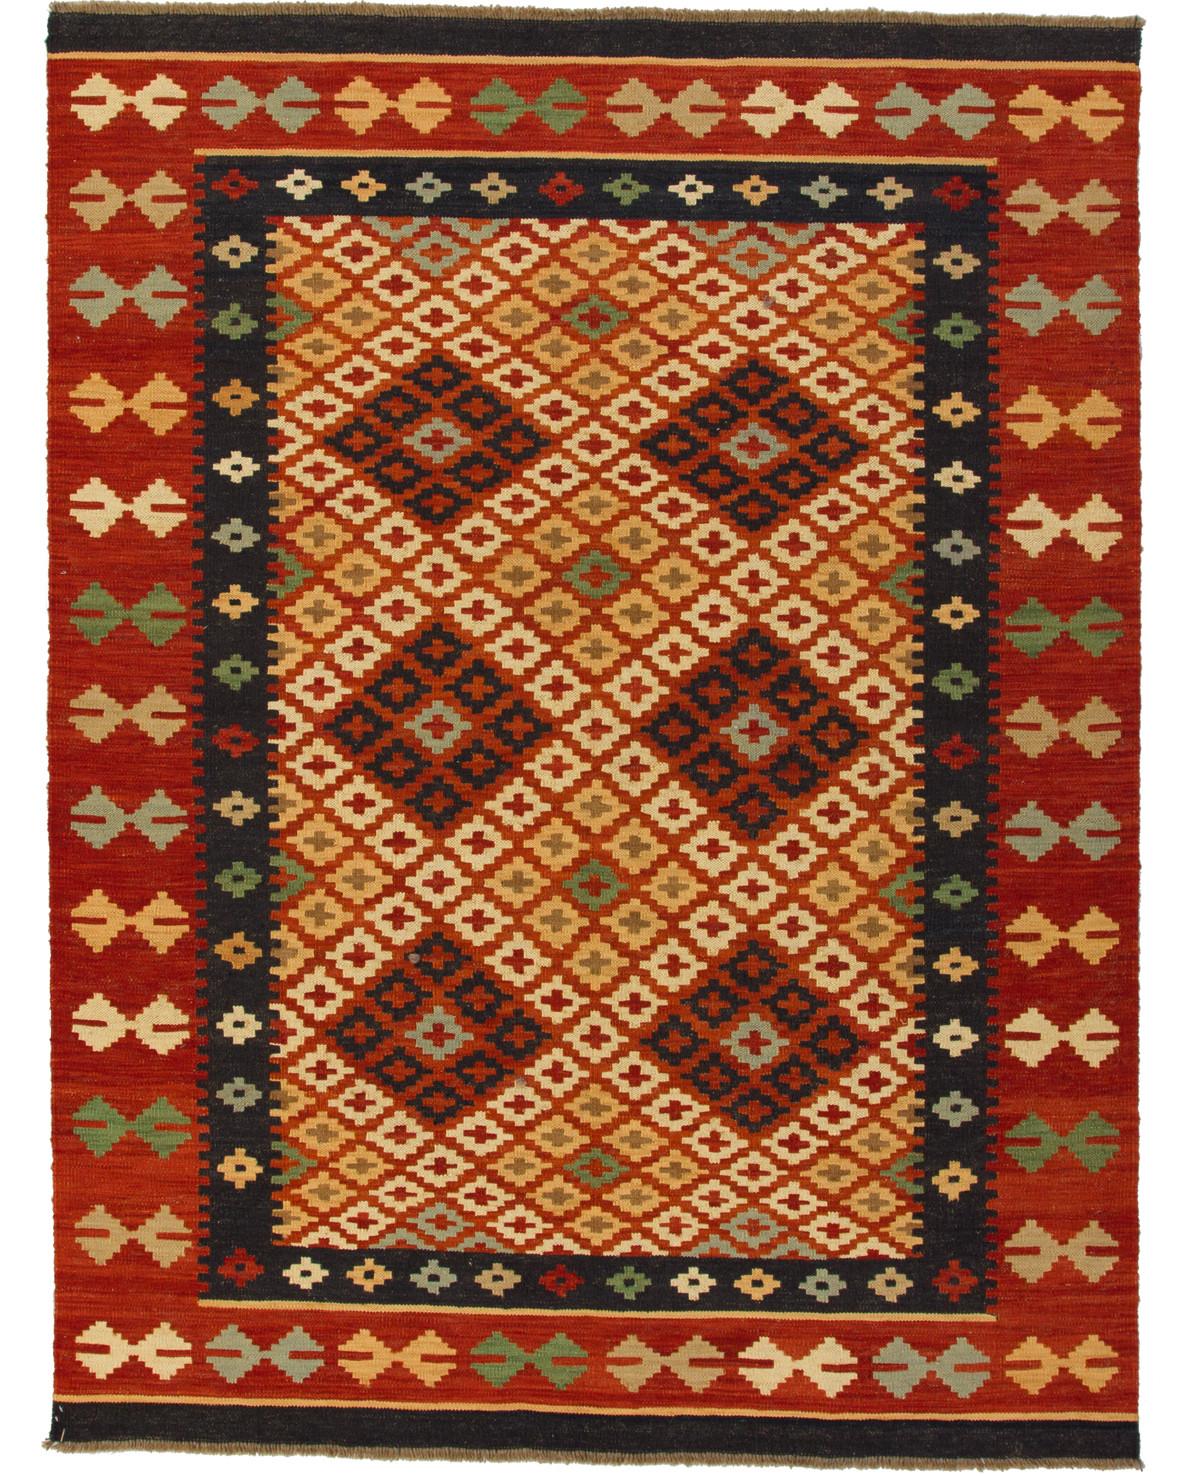 Handvävd Kelimmatta av ull med orientaliskt mönster och rostfärgad bård